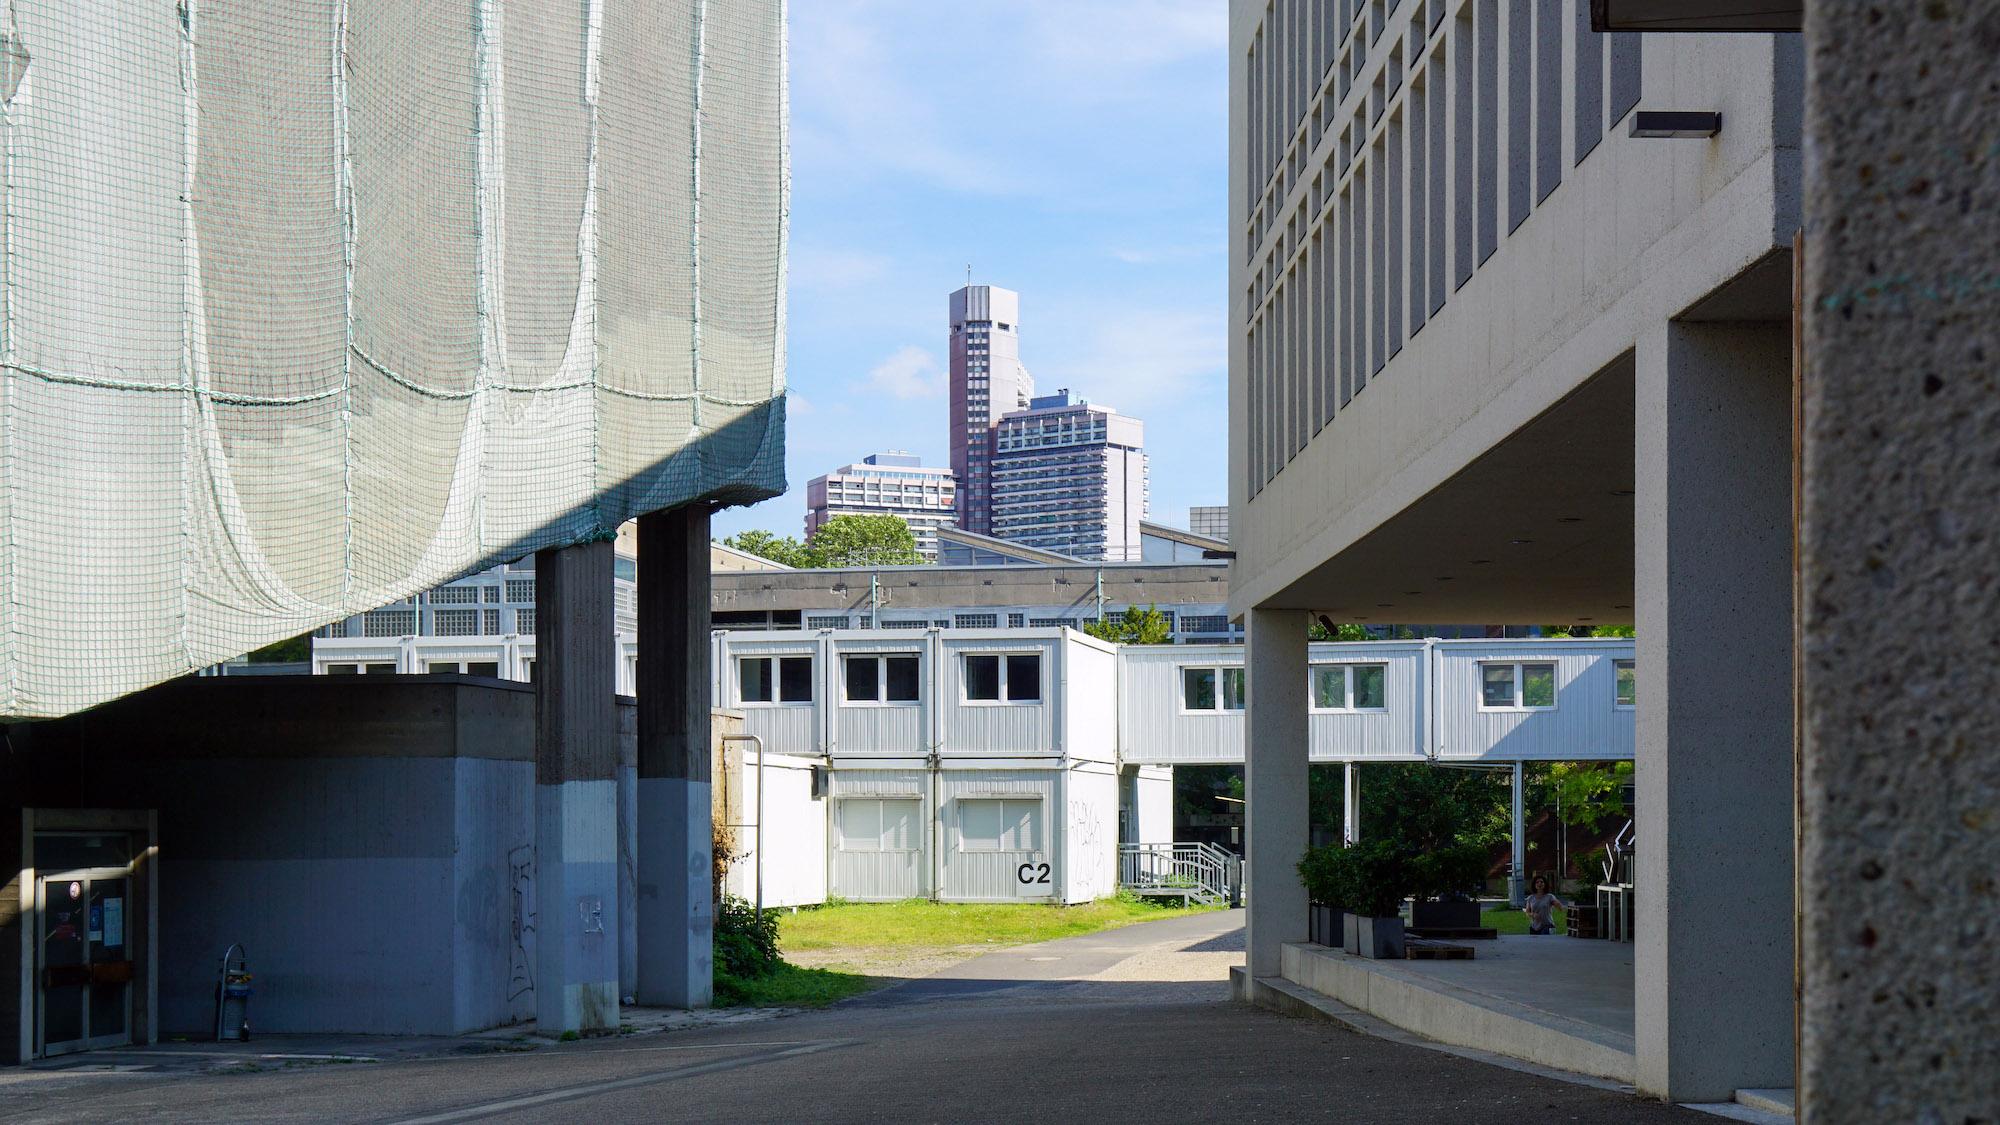 Unübersichtliche Stelle mit mehreren Gebäuden, Baucontainern und einem Hochhaus im Hintergrund